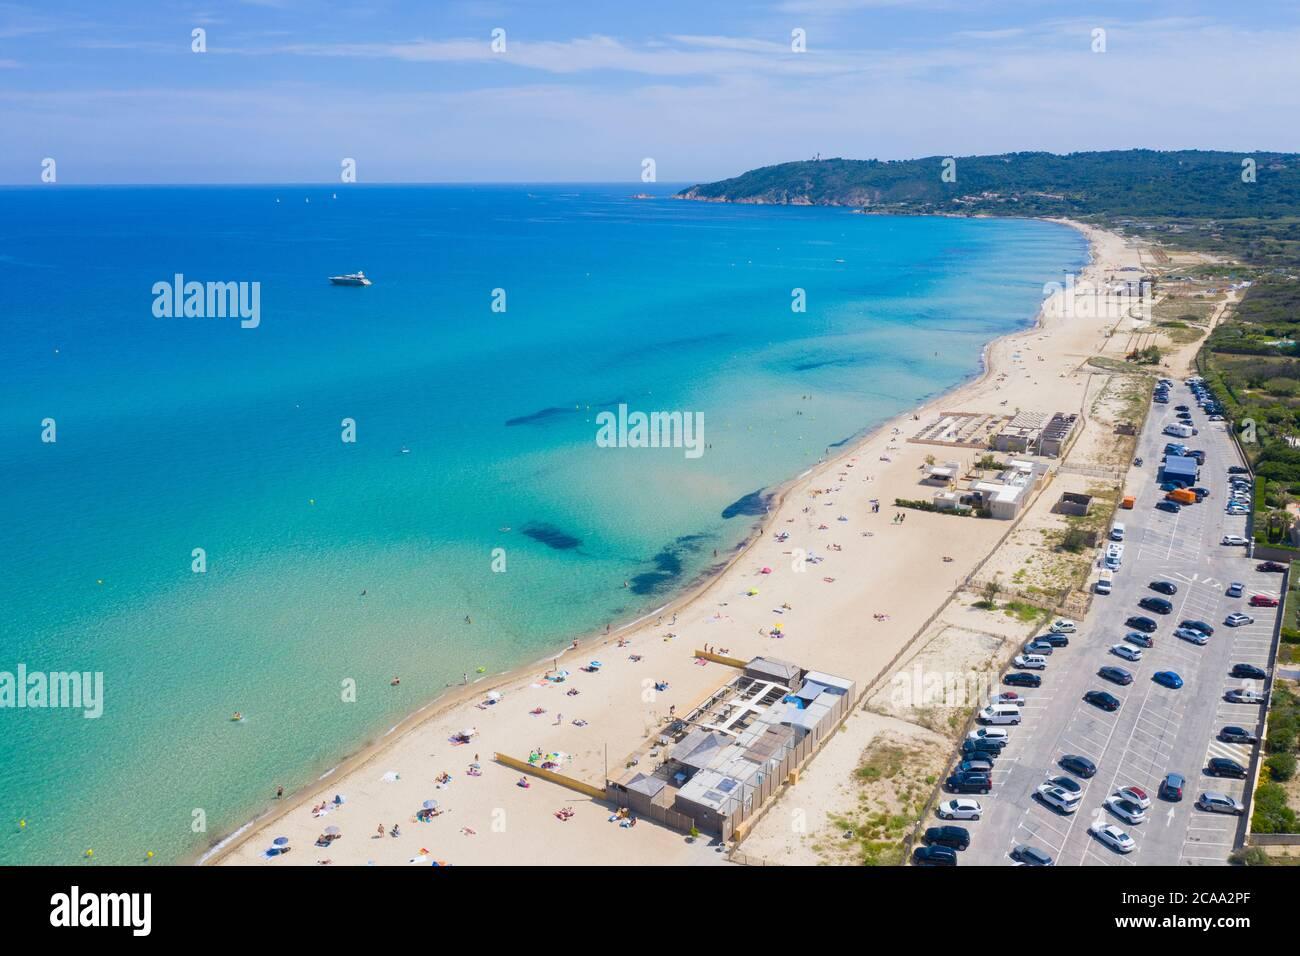 Var Department, Ramatuelle - Saint Tropez, Luftbild des Strandes von Pampelonne, der berühmte Strand an der französischen Riviera Stockfoto